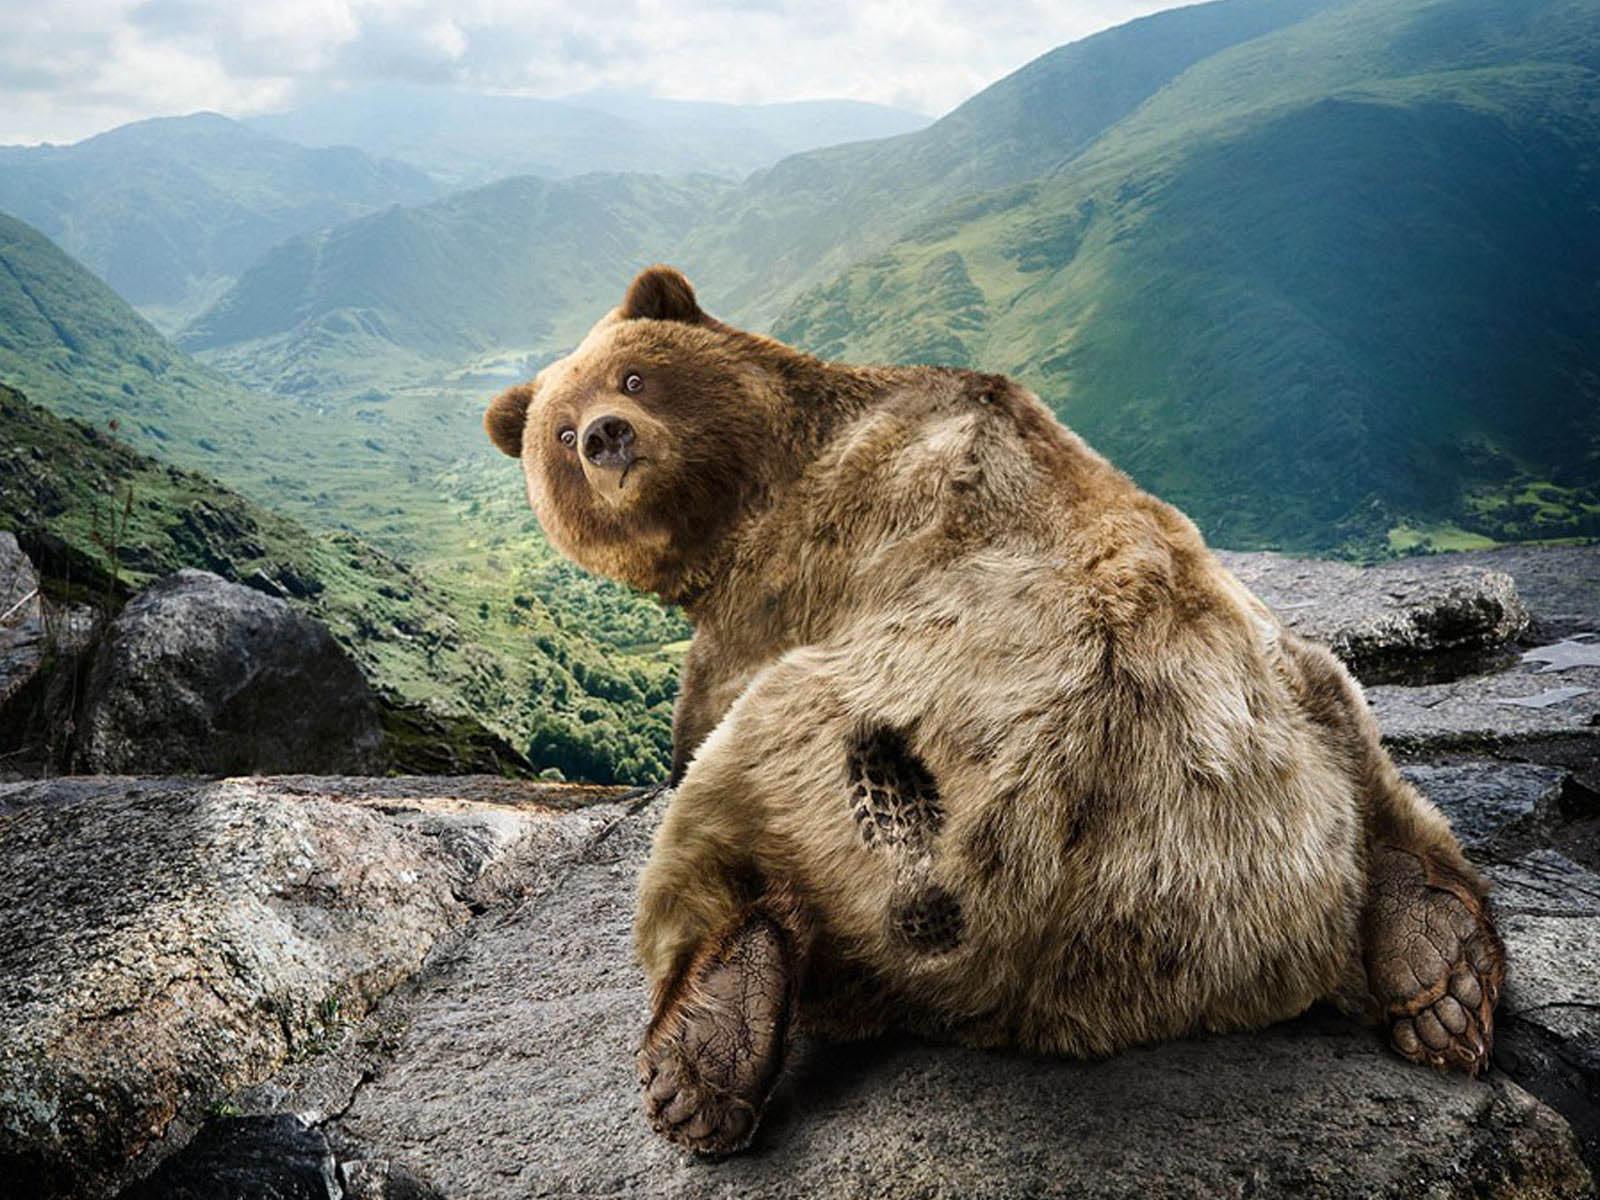 Funny Bear Wallpaper